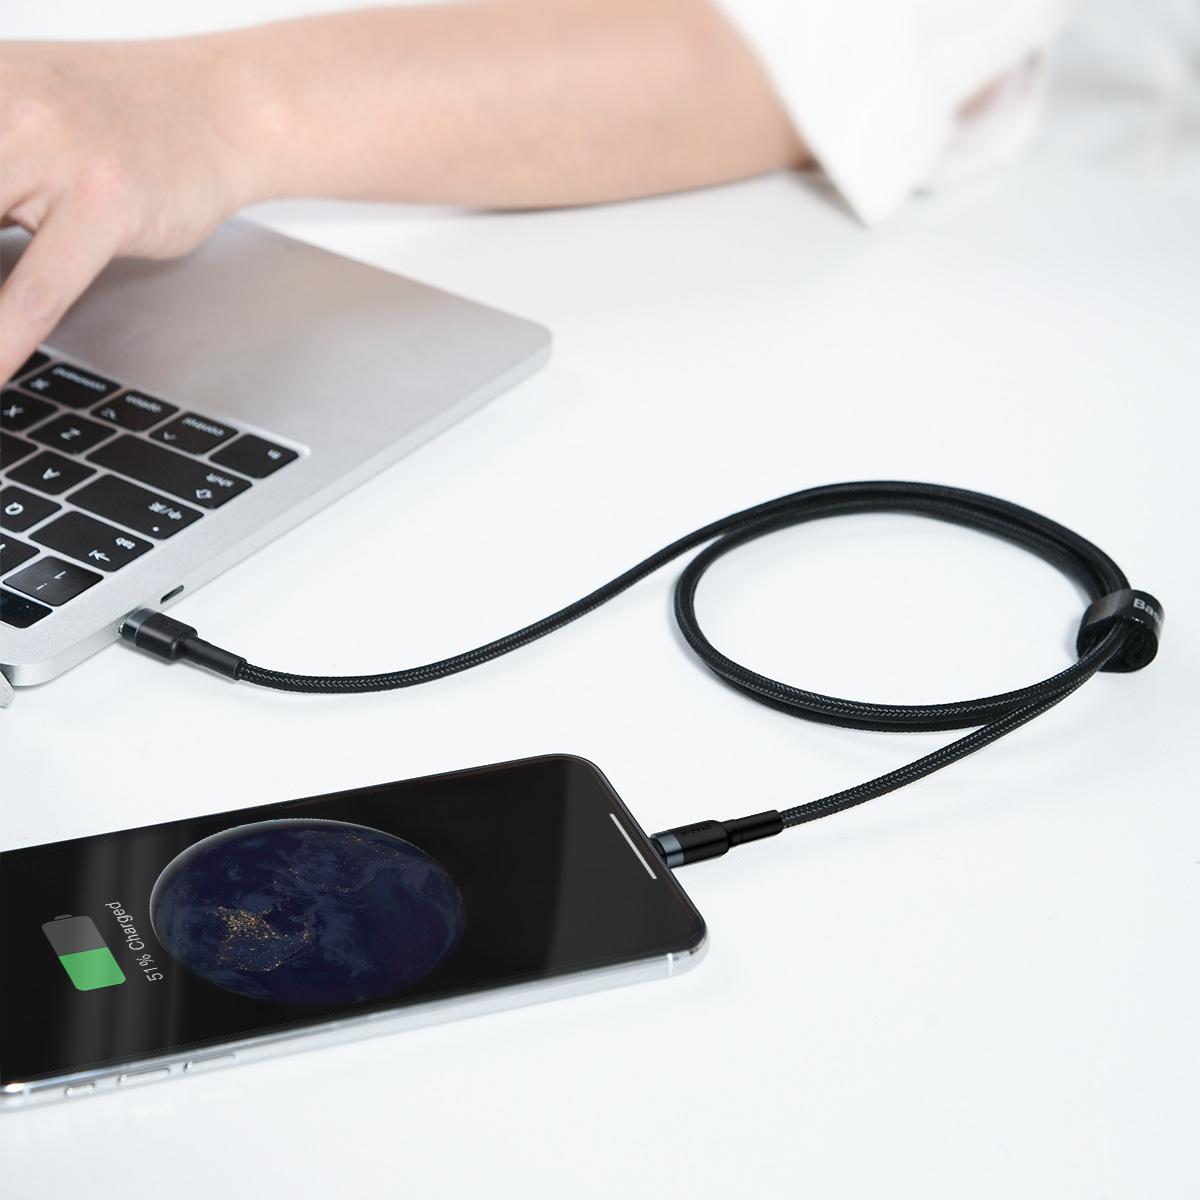 Cáp sạc nhanh 18W dùng cho iPhone, iPhone - Baseus Cafule Data Cable Type-C to iP - Hàng nhập khẩu